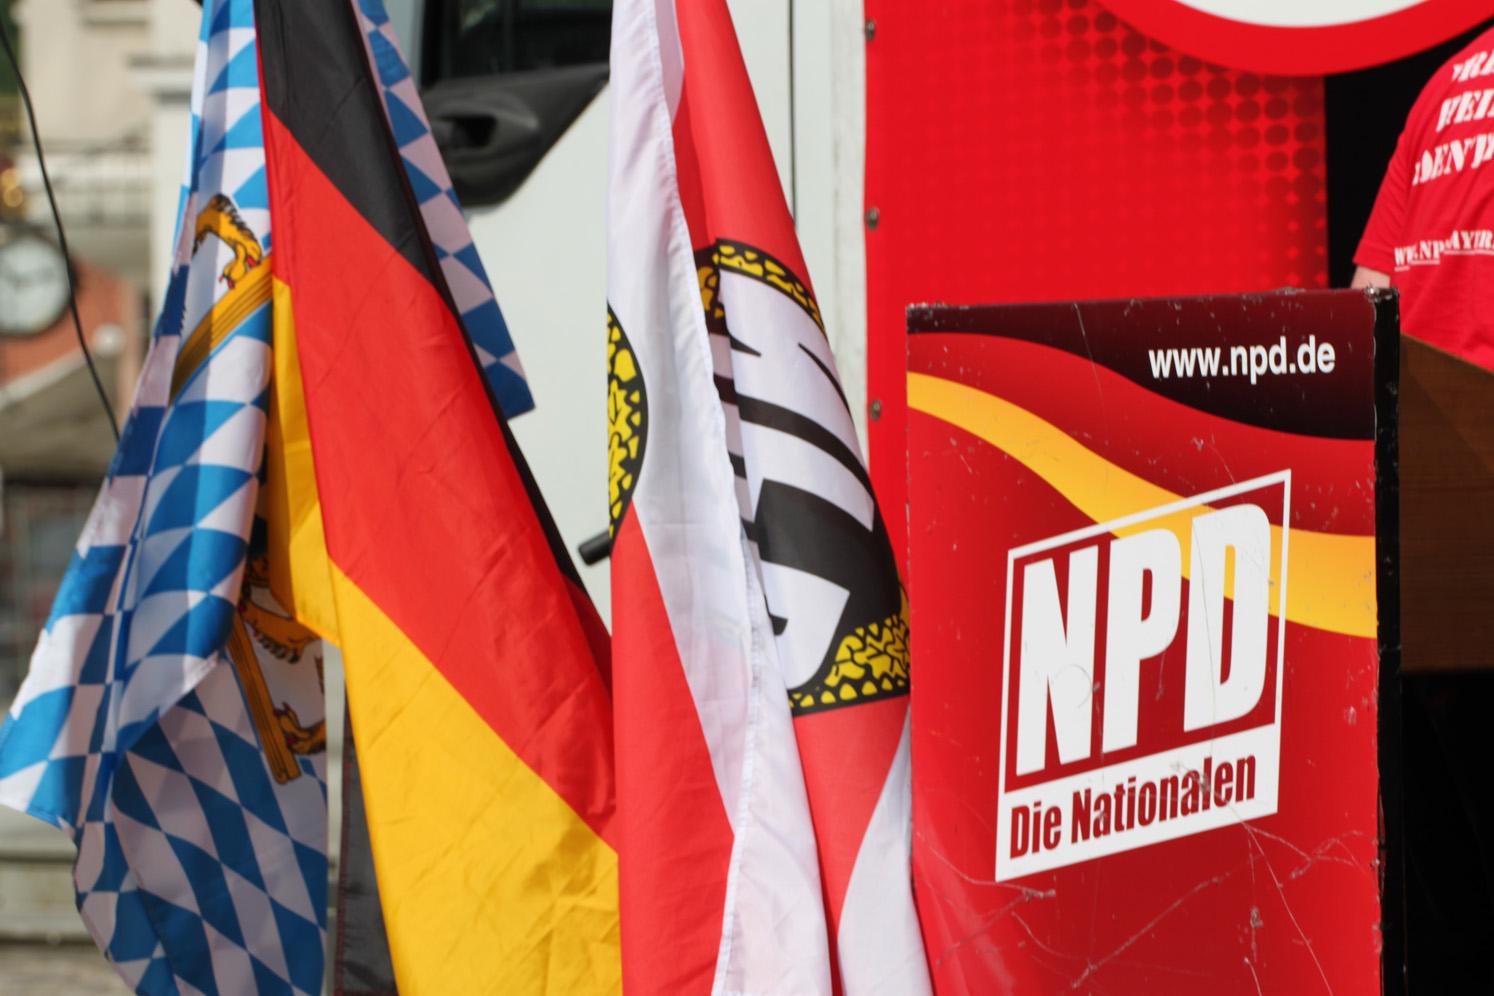 15-07-2013 unterallgäu mindelheim npd-kundgebung poeppel new-facts-eu20130715 0007